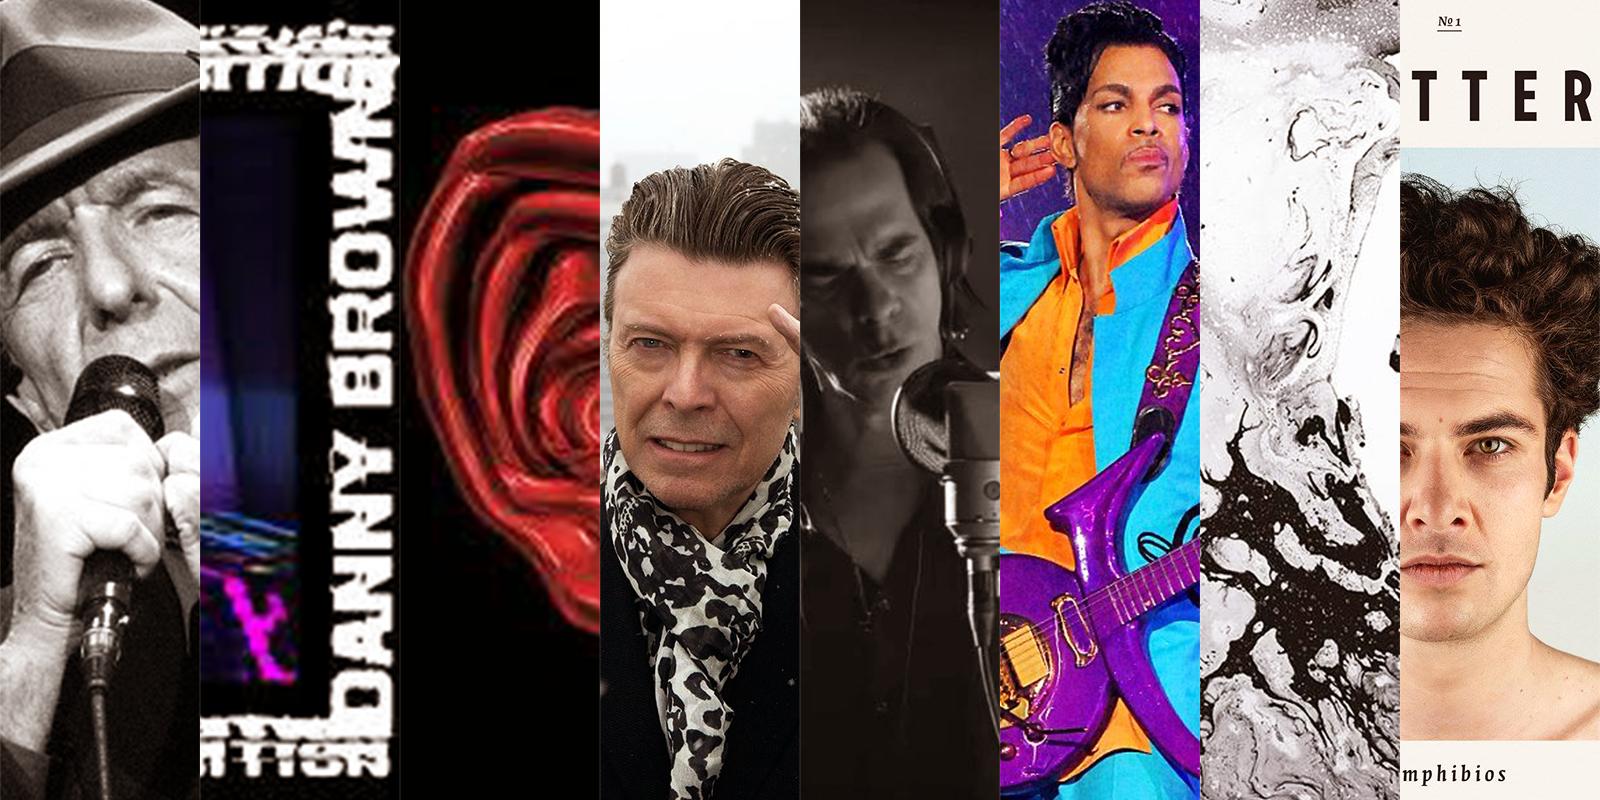 Pregled leta 2016: Glasba